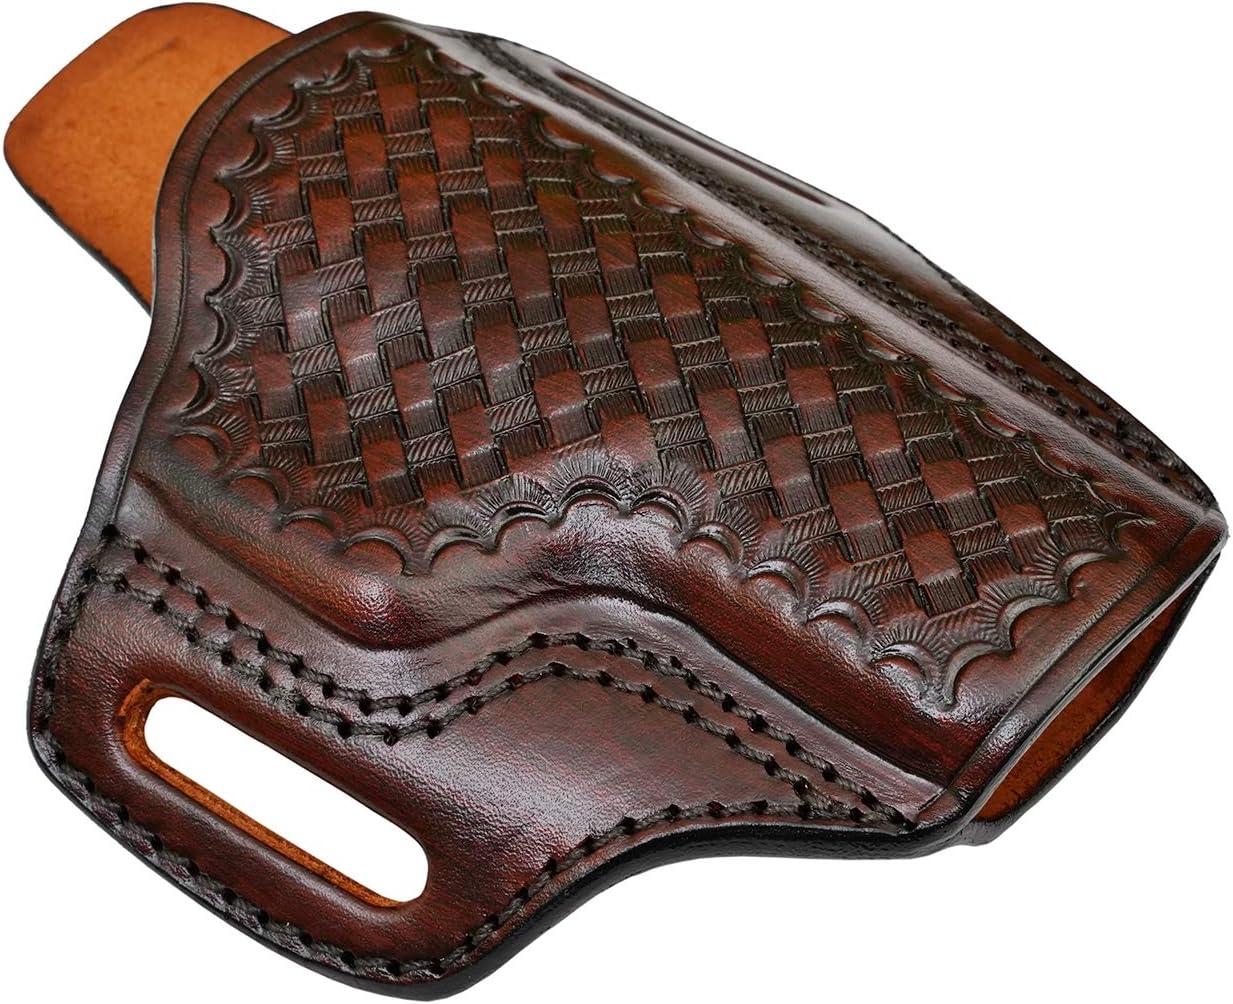 OWB Leather Holster for Ruger GP100 6 Shot - Basket Weave - Genu